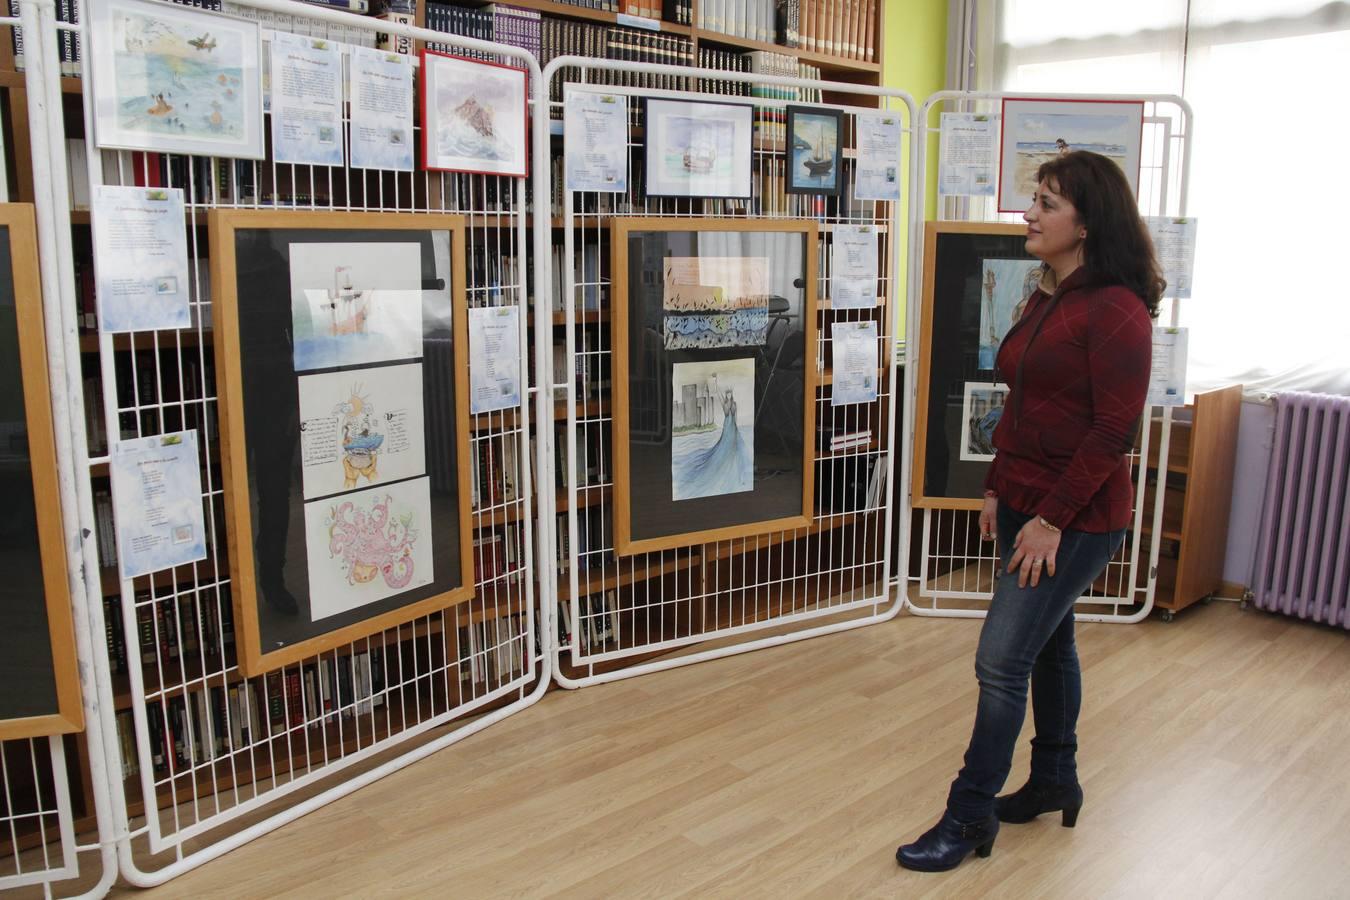 Exposición 'Mar de letras' en el centro de adultos